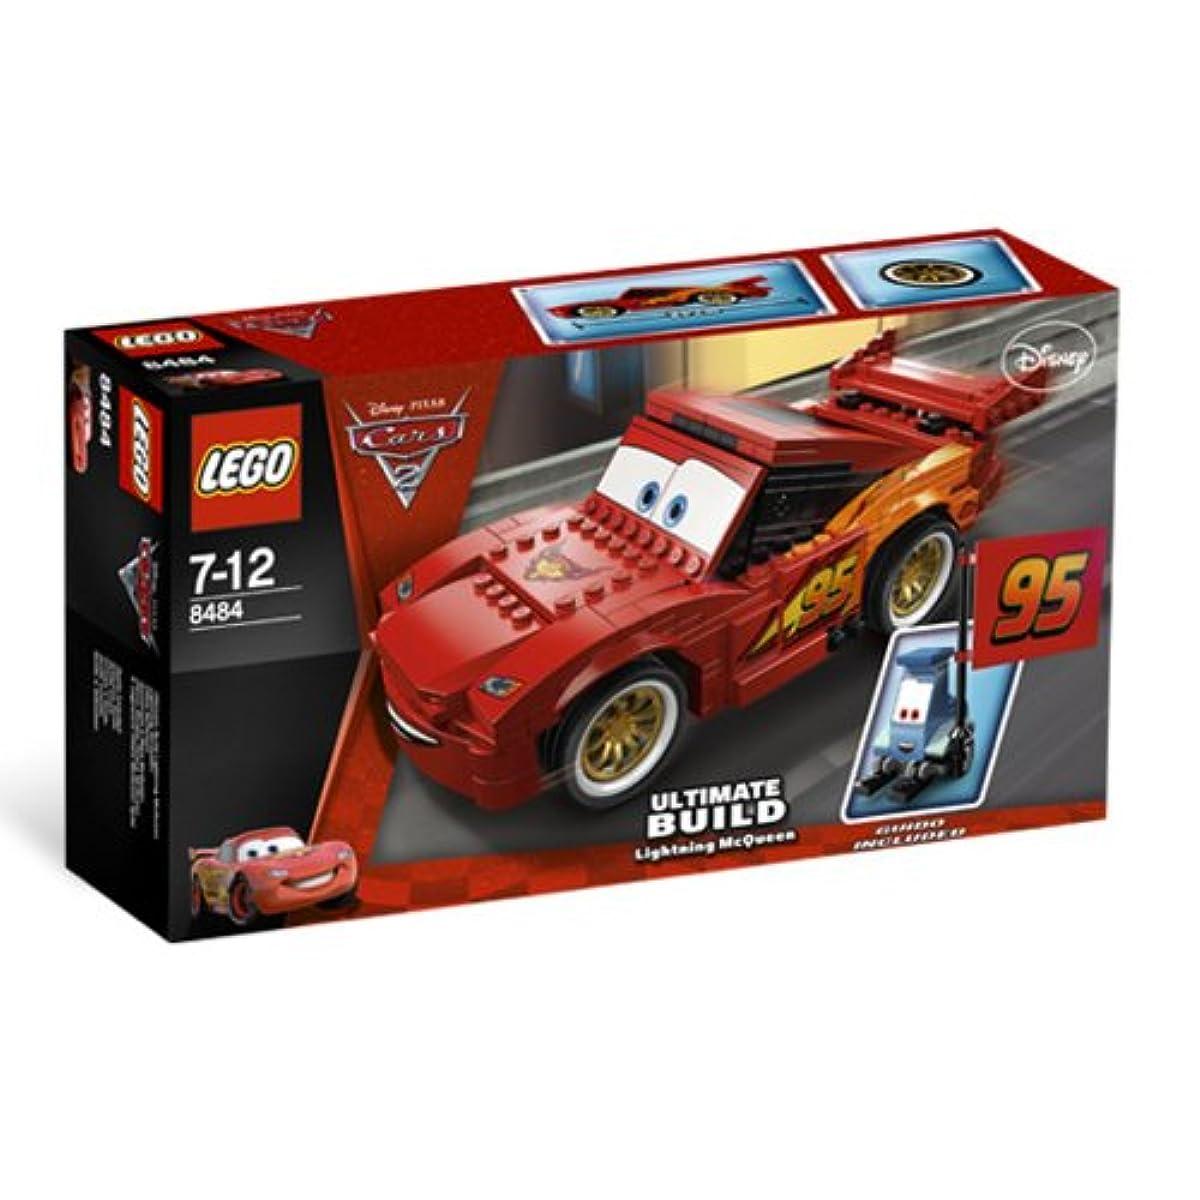 [해외] 레고 (LEGO) Cars/카 라이트닌구맥―(대) 8484